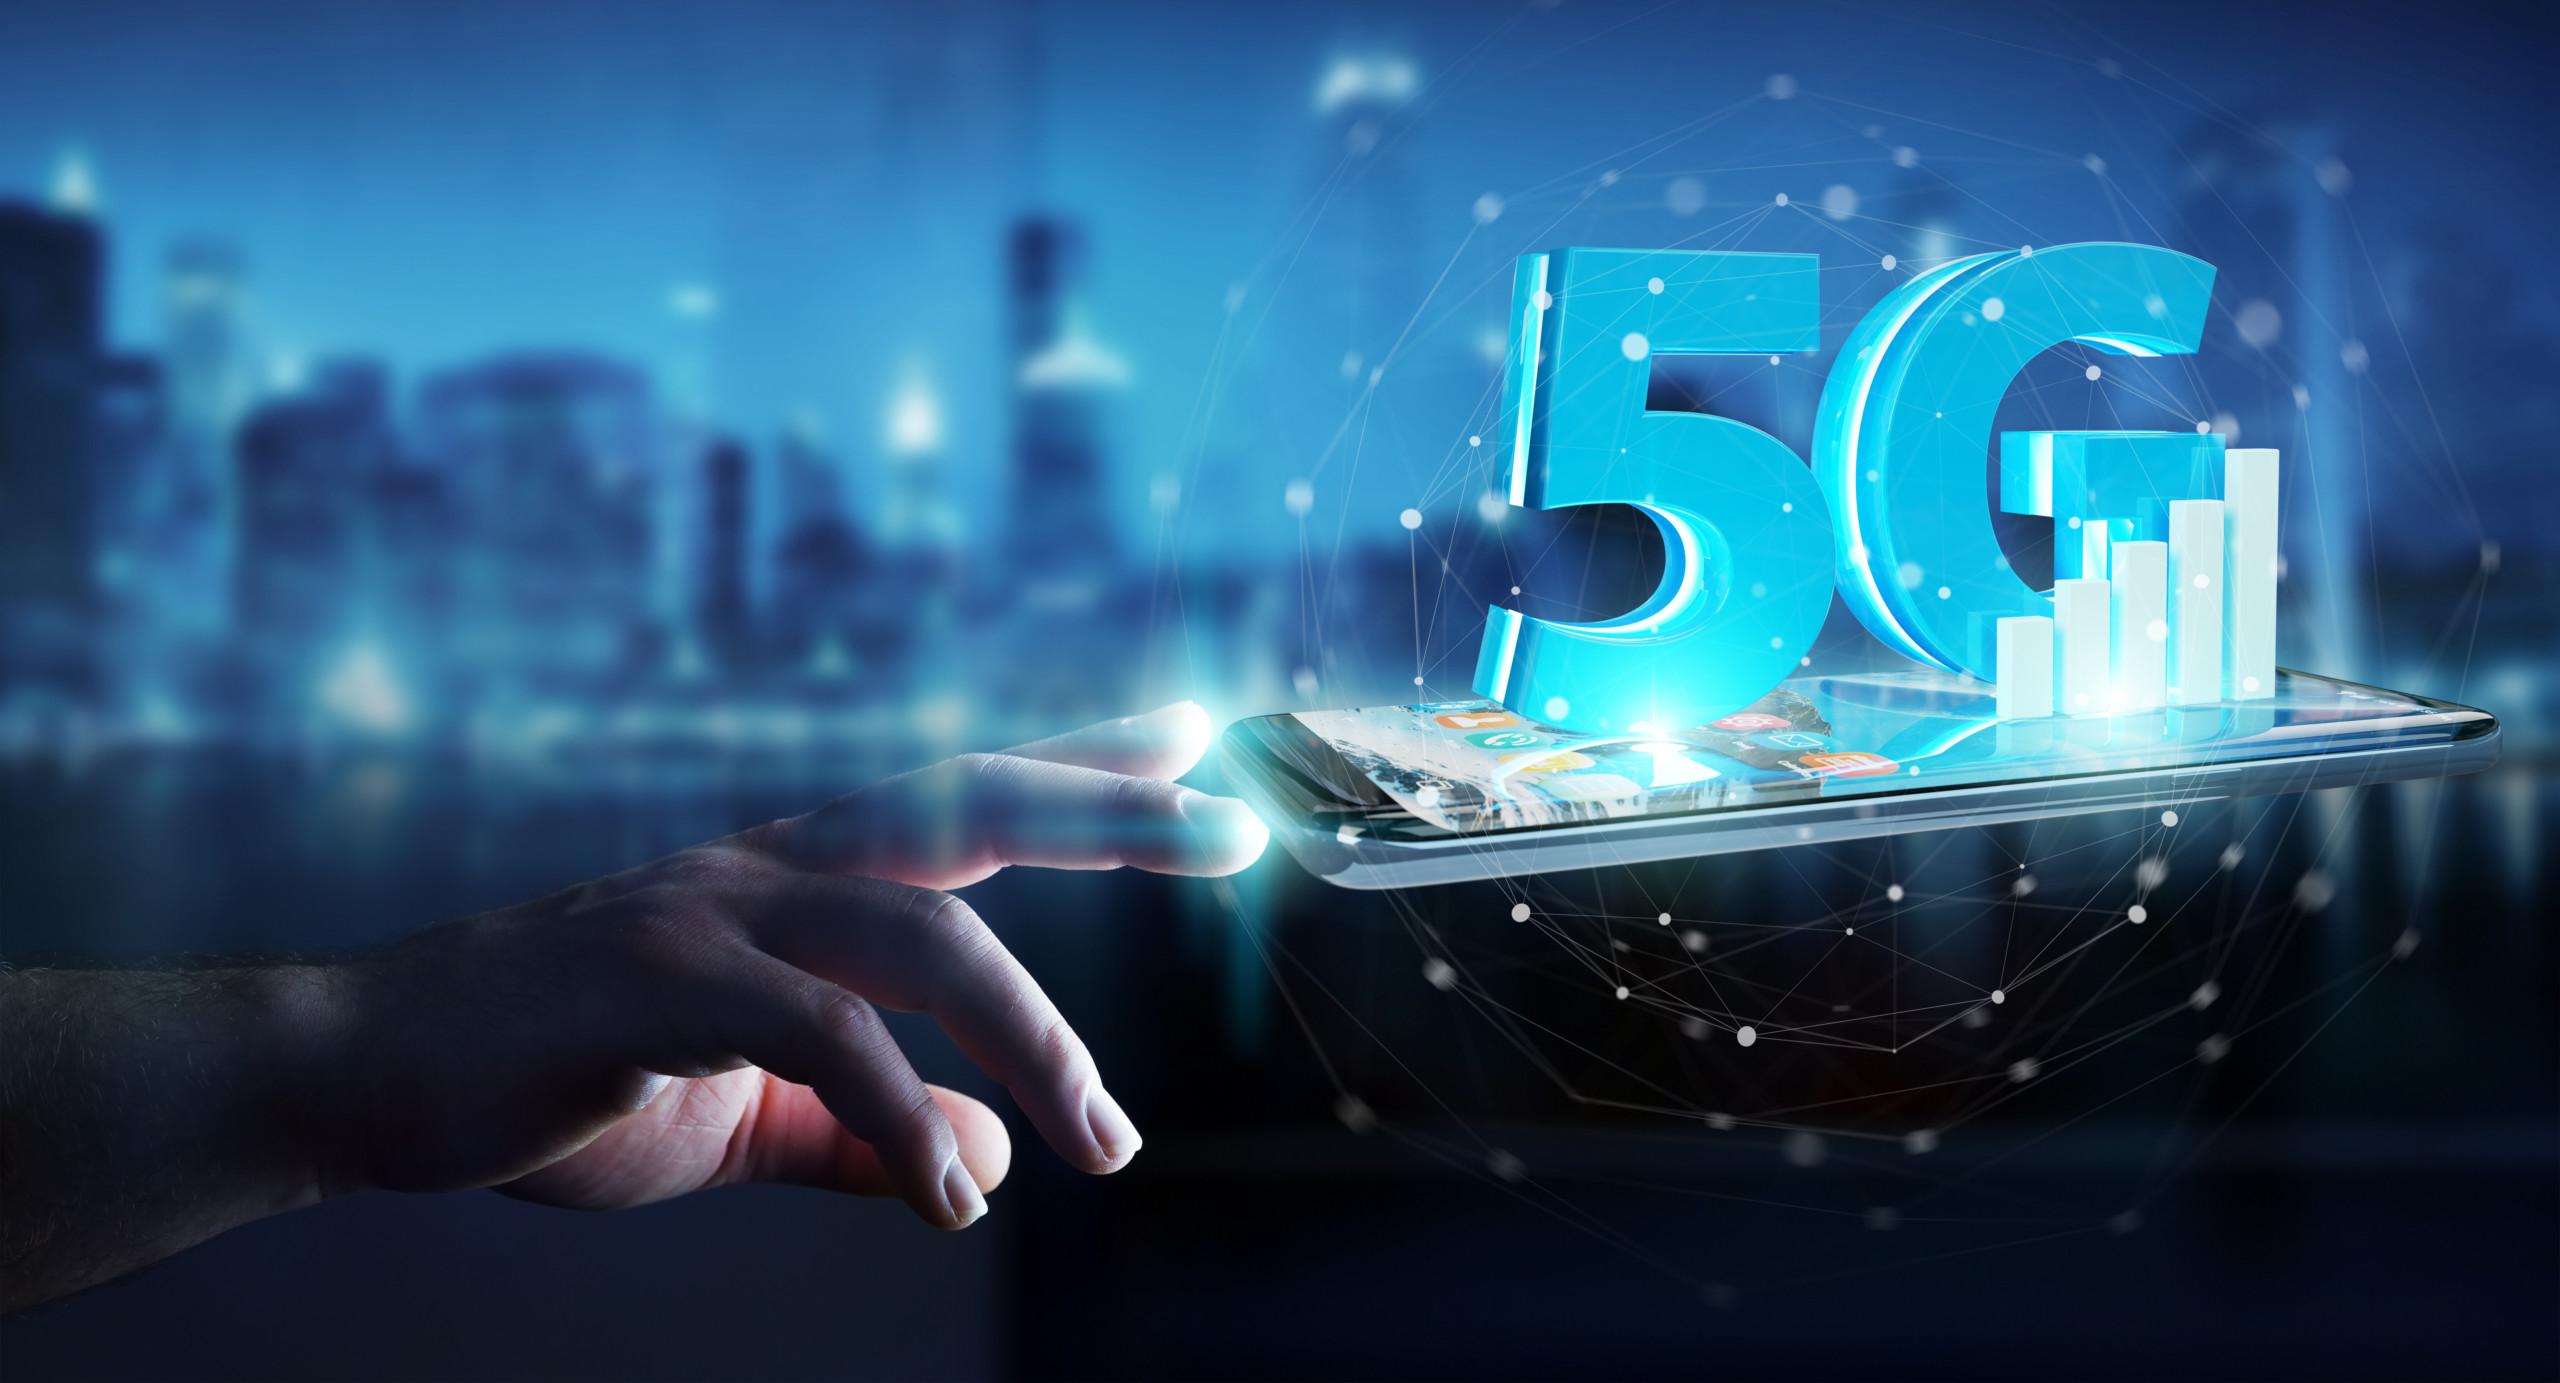 Skyworks Solutions – 5G-Proftiteur pulverisiert die Märkte mit seinen Quartalszahlen